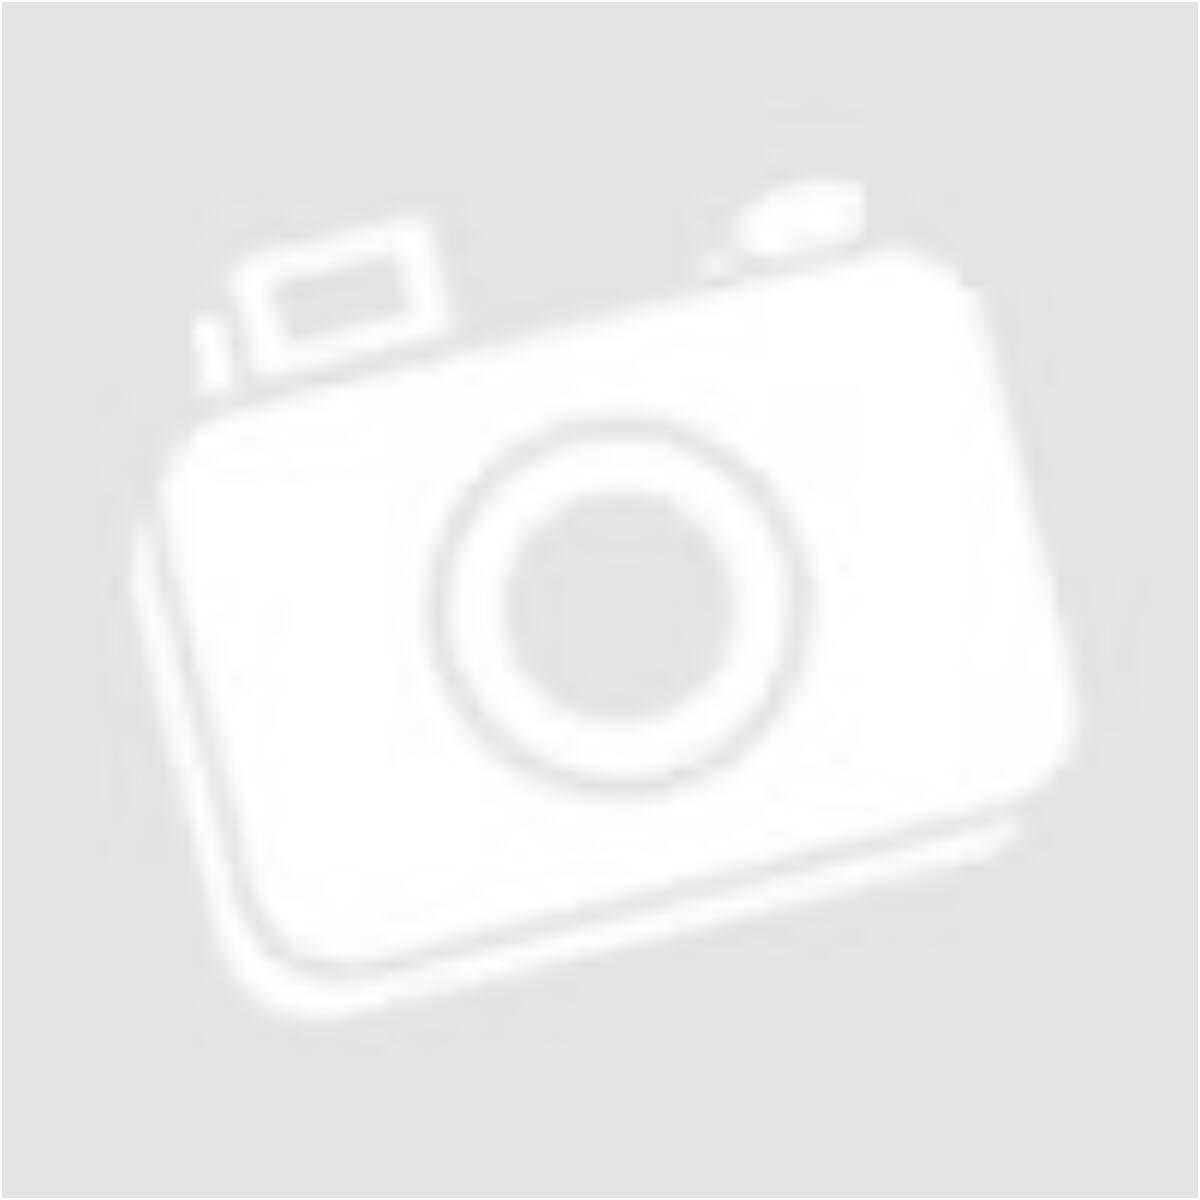 3eeff24e71 MIAMI BLUE - Férfi farmer nadrág - Slimfit szabás - Kék színű ...